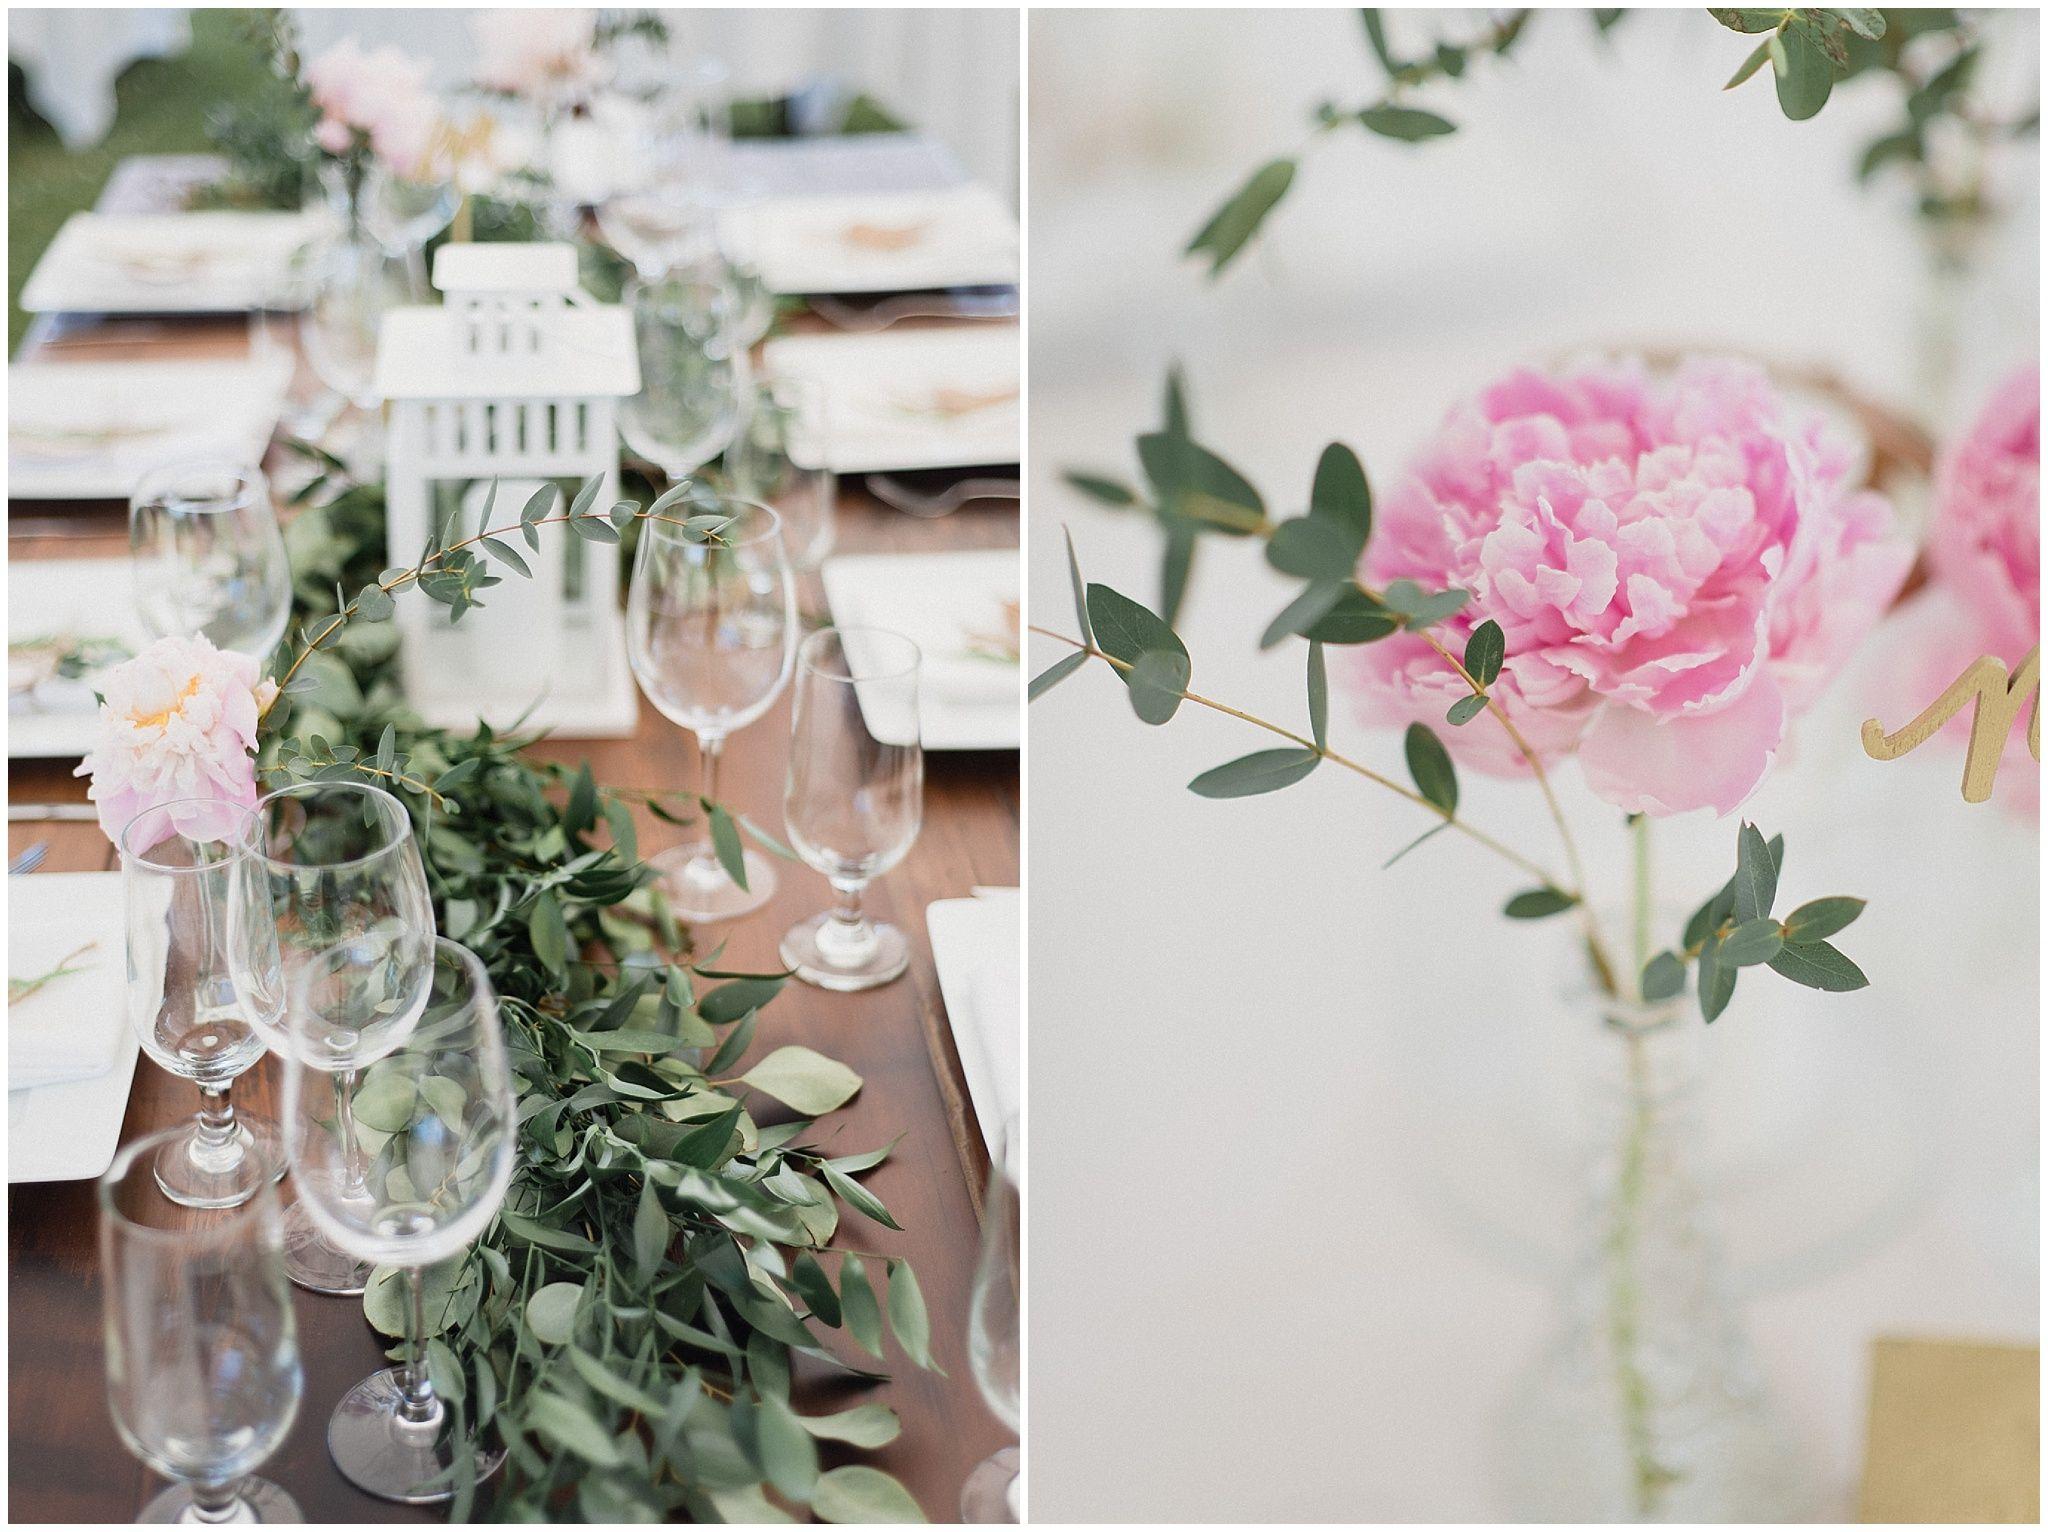 Guelph Farm Wedding: Christine + Dean   Tent wedding, Farming and ...